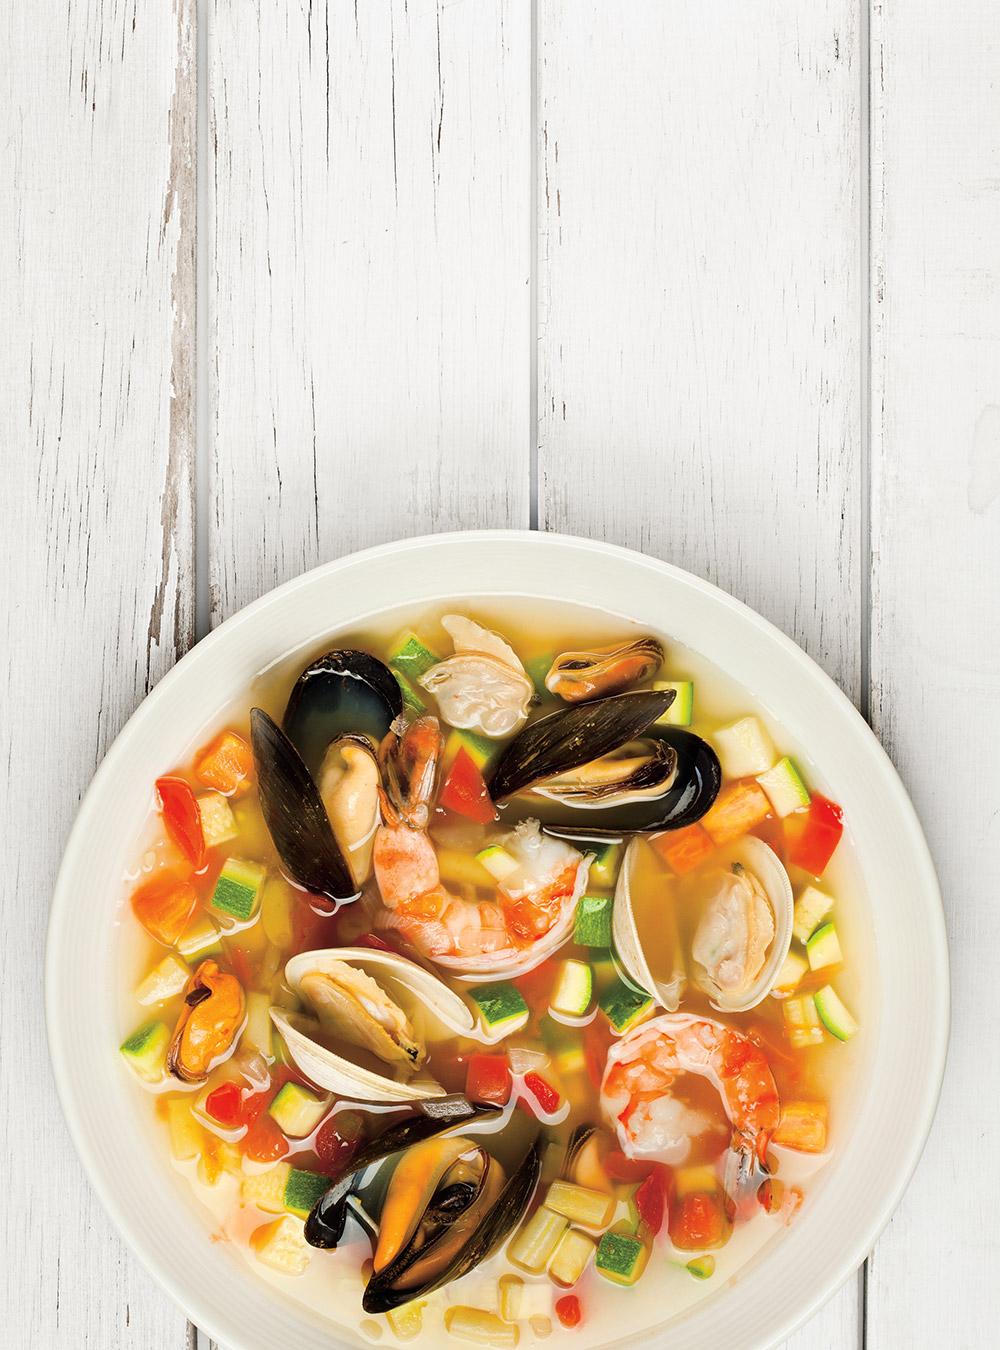 Poisson blanc et moules poch s dans un bouillon asiatique recette - Pates aux fruits de mer vin blanc ...